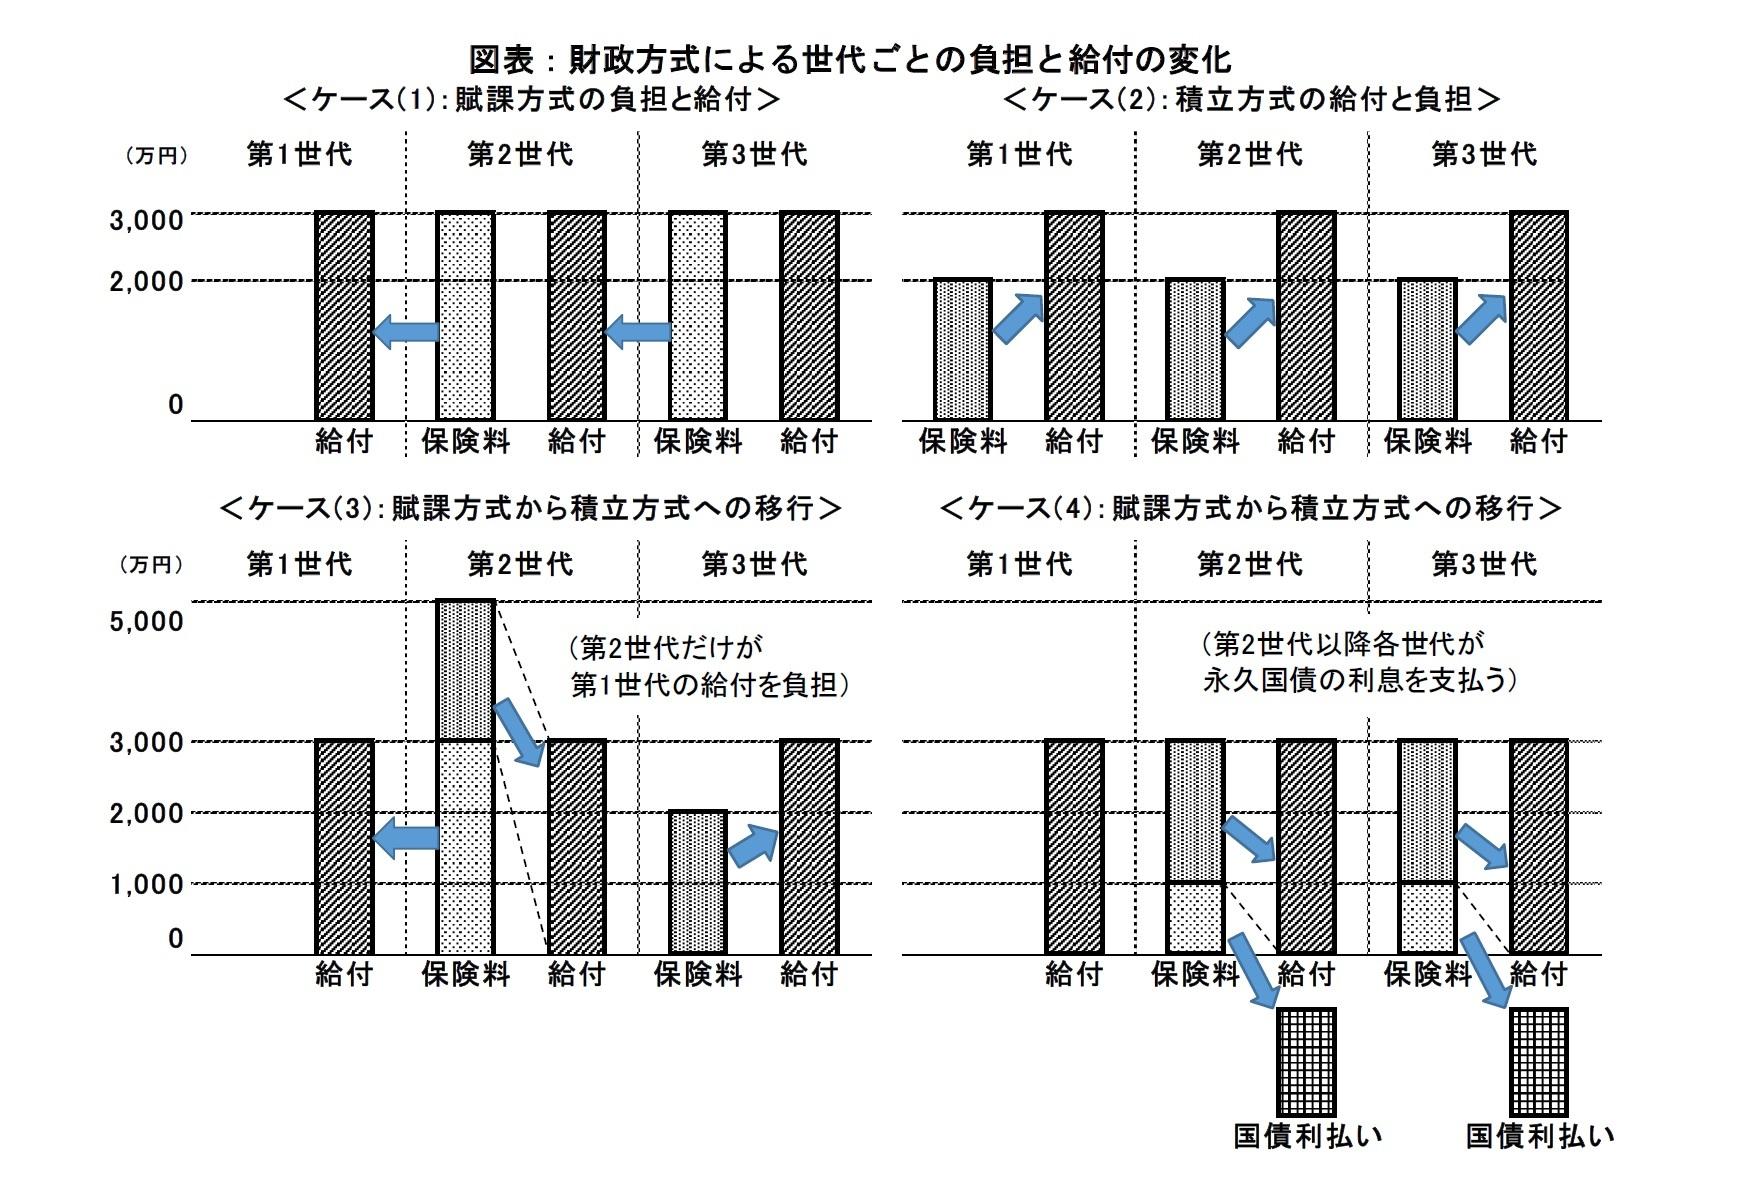 図表:財政方式による世代ごとの負担と給付の変化